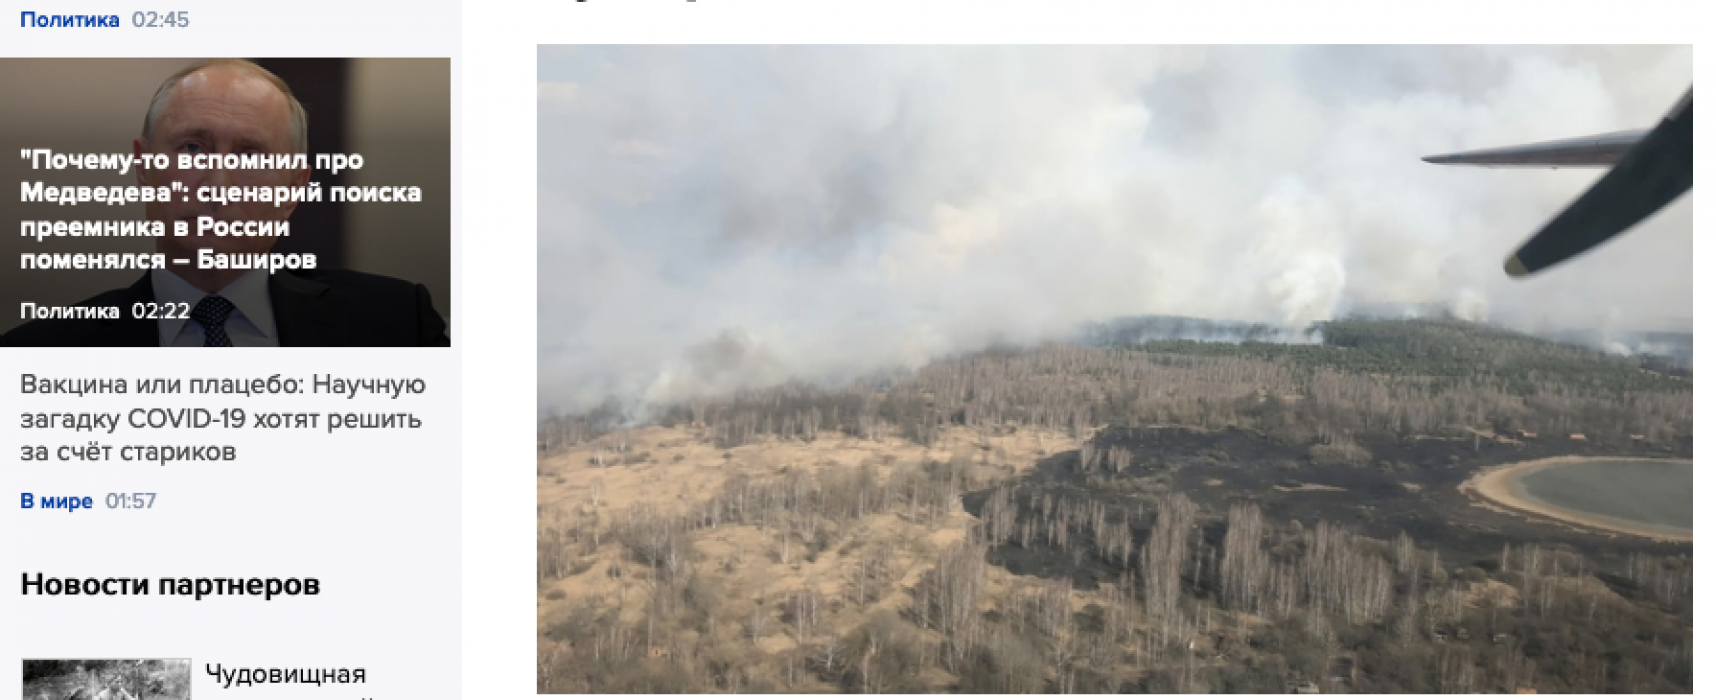 Фейк: Опасные эксперименты американцев в Чернобыле страшнее пожаров